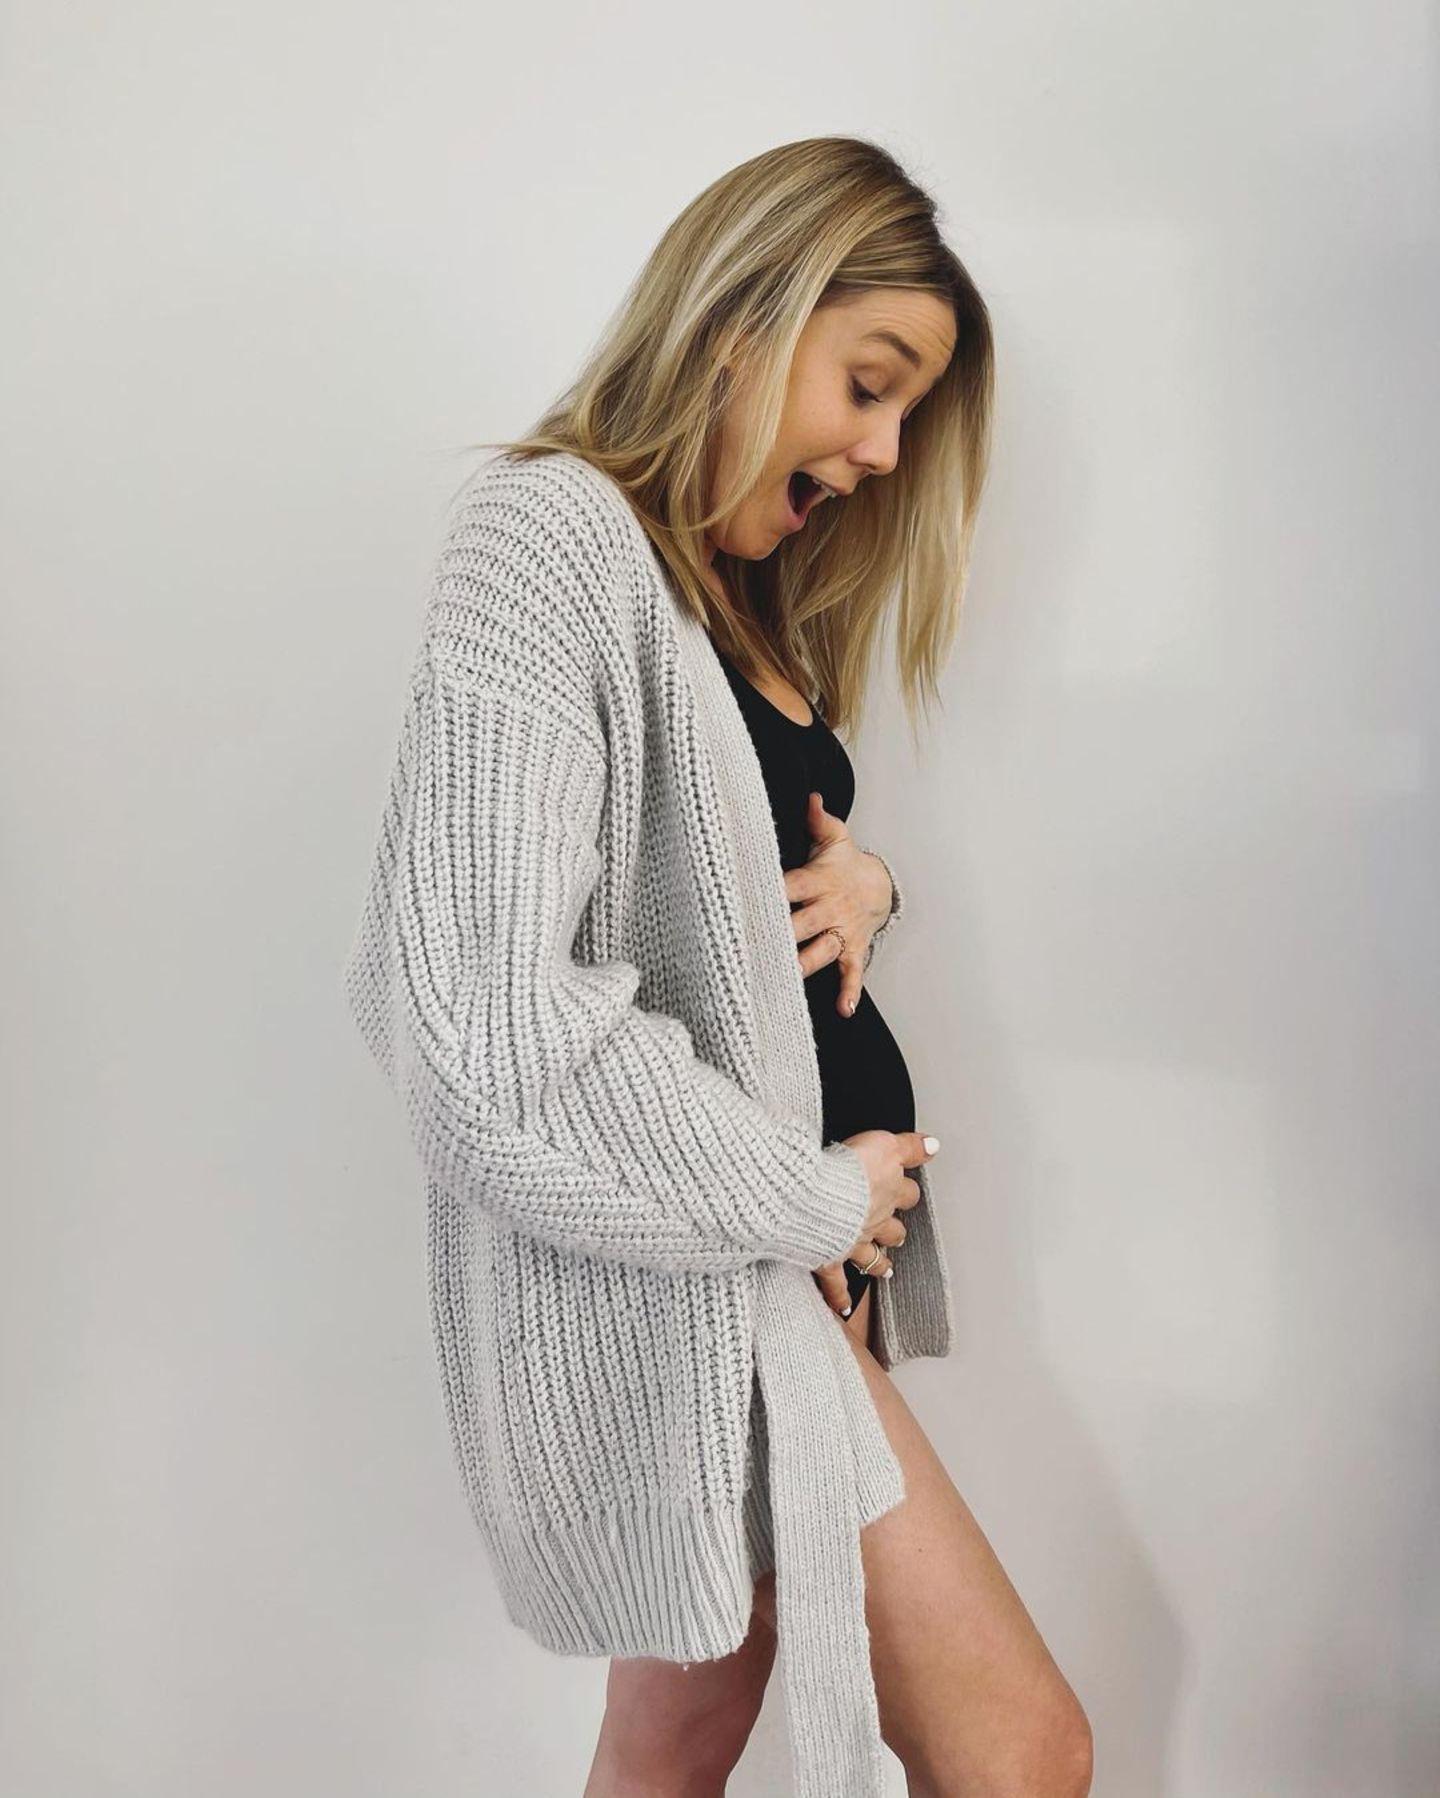 Moderatorin Alina Merkau ist zum zweiten Mal schwanger. Das verkündet die 34-Jährige mit diesem Schnappschuss auf Instagram. 2016 ist sie zum ersten Mal Mama geworden und in Zukunft wird es garantiert noch mehr Babybauch-Schnappschüsse von ihr geben.